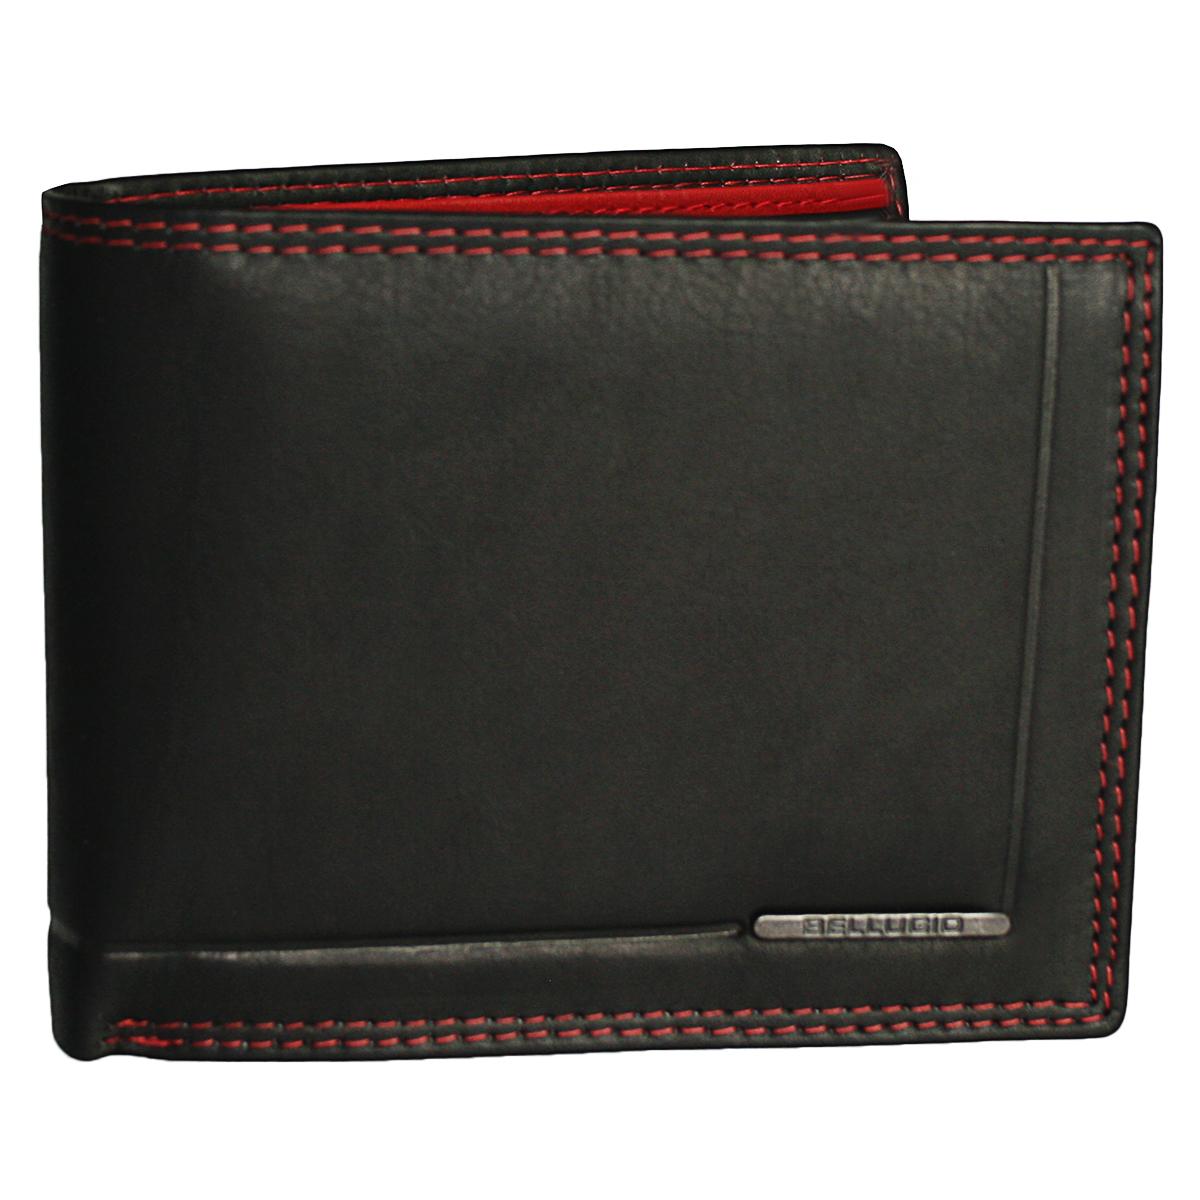 5daae6be6f57a Oryginalny dwukolorowy portfel męski ze skóry Bel - 7428647769 ...